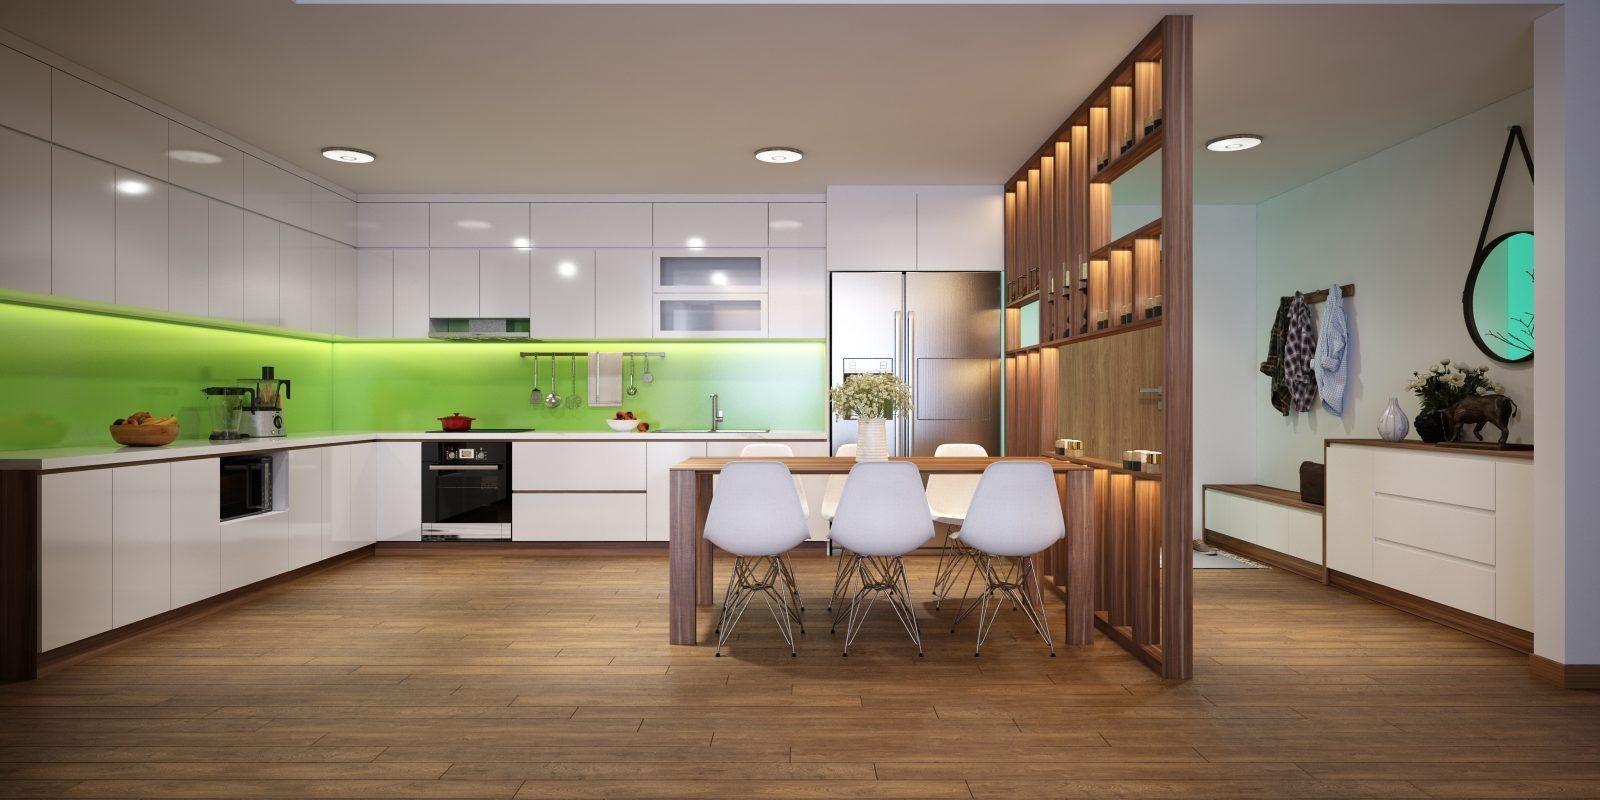 [Cập nhật] Báo giá thiết kế nội thất chung cư tốt nhất 2020- đọc ngay!